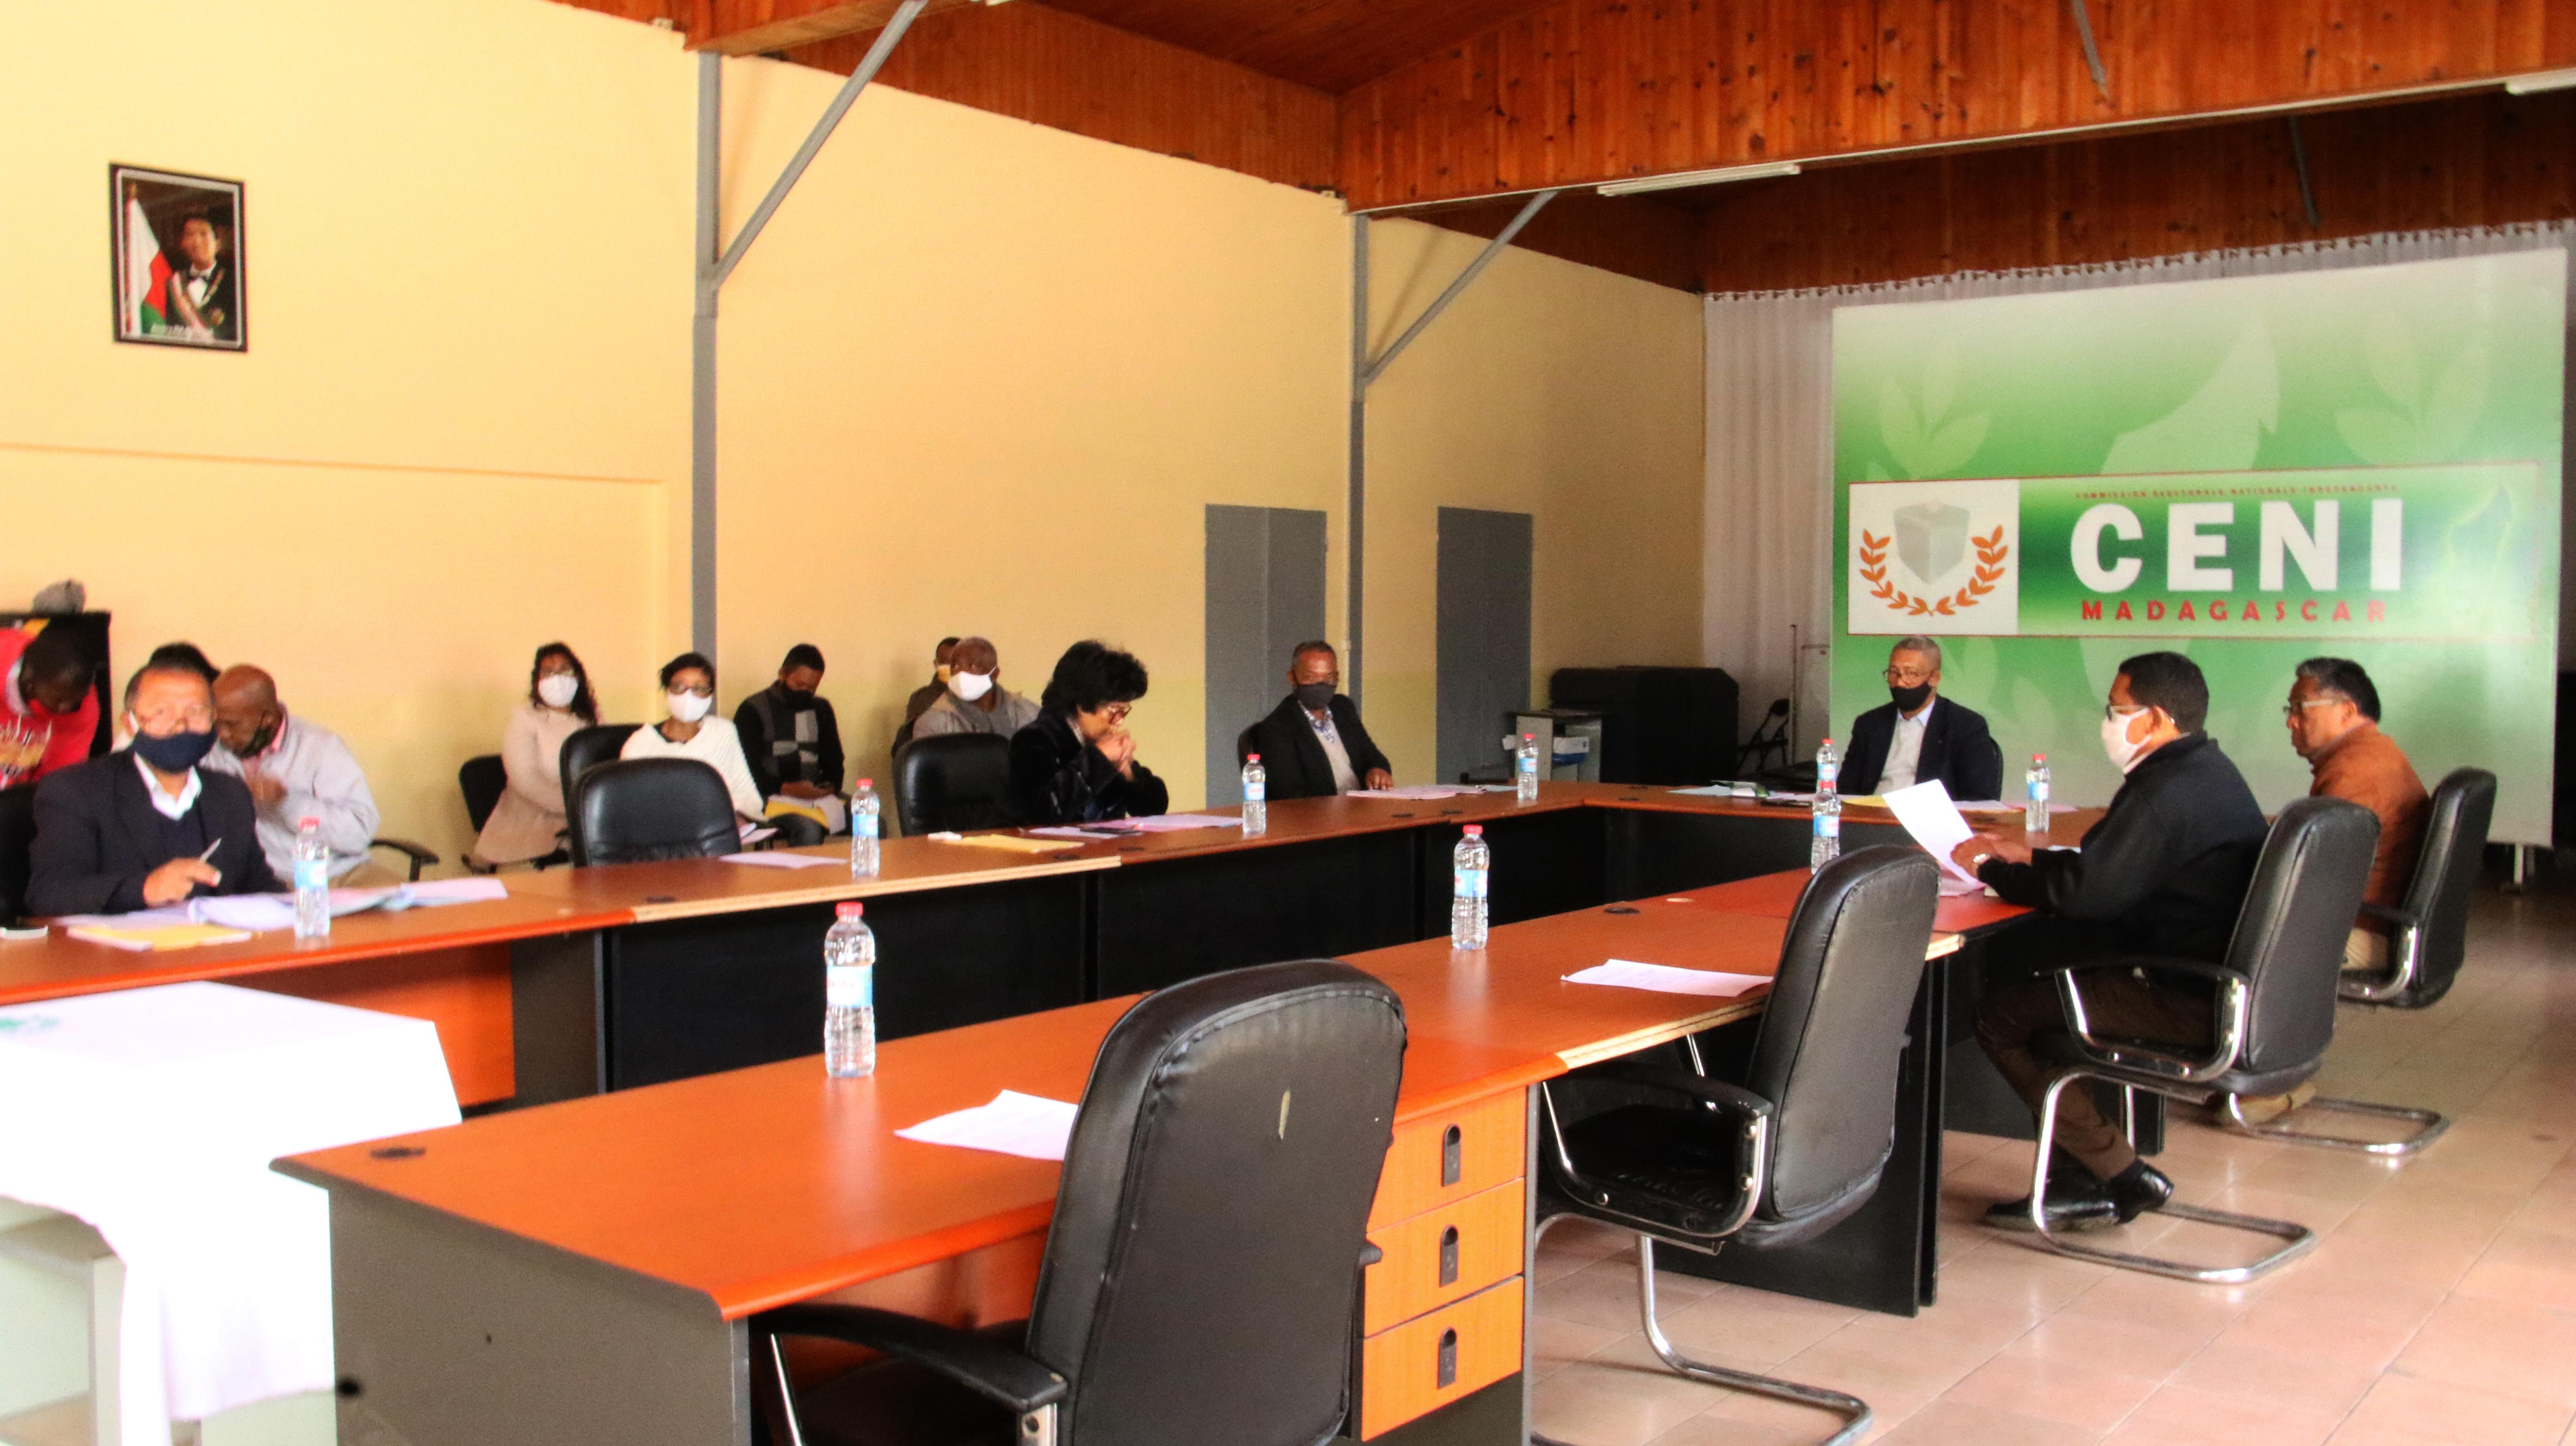 Assemblée générale du Bureau permanent de la CENI ce 11 juin 2020